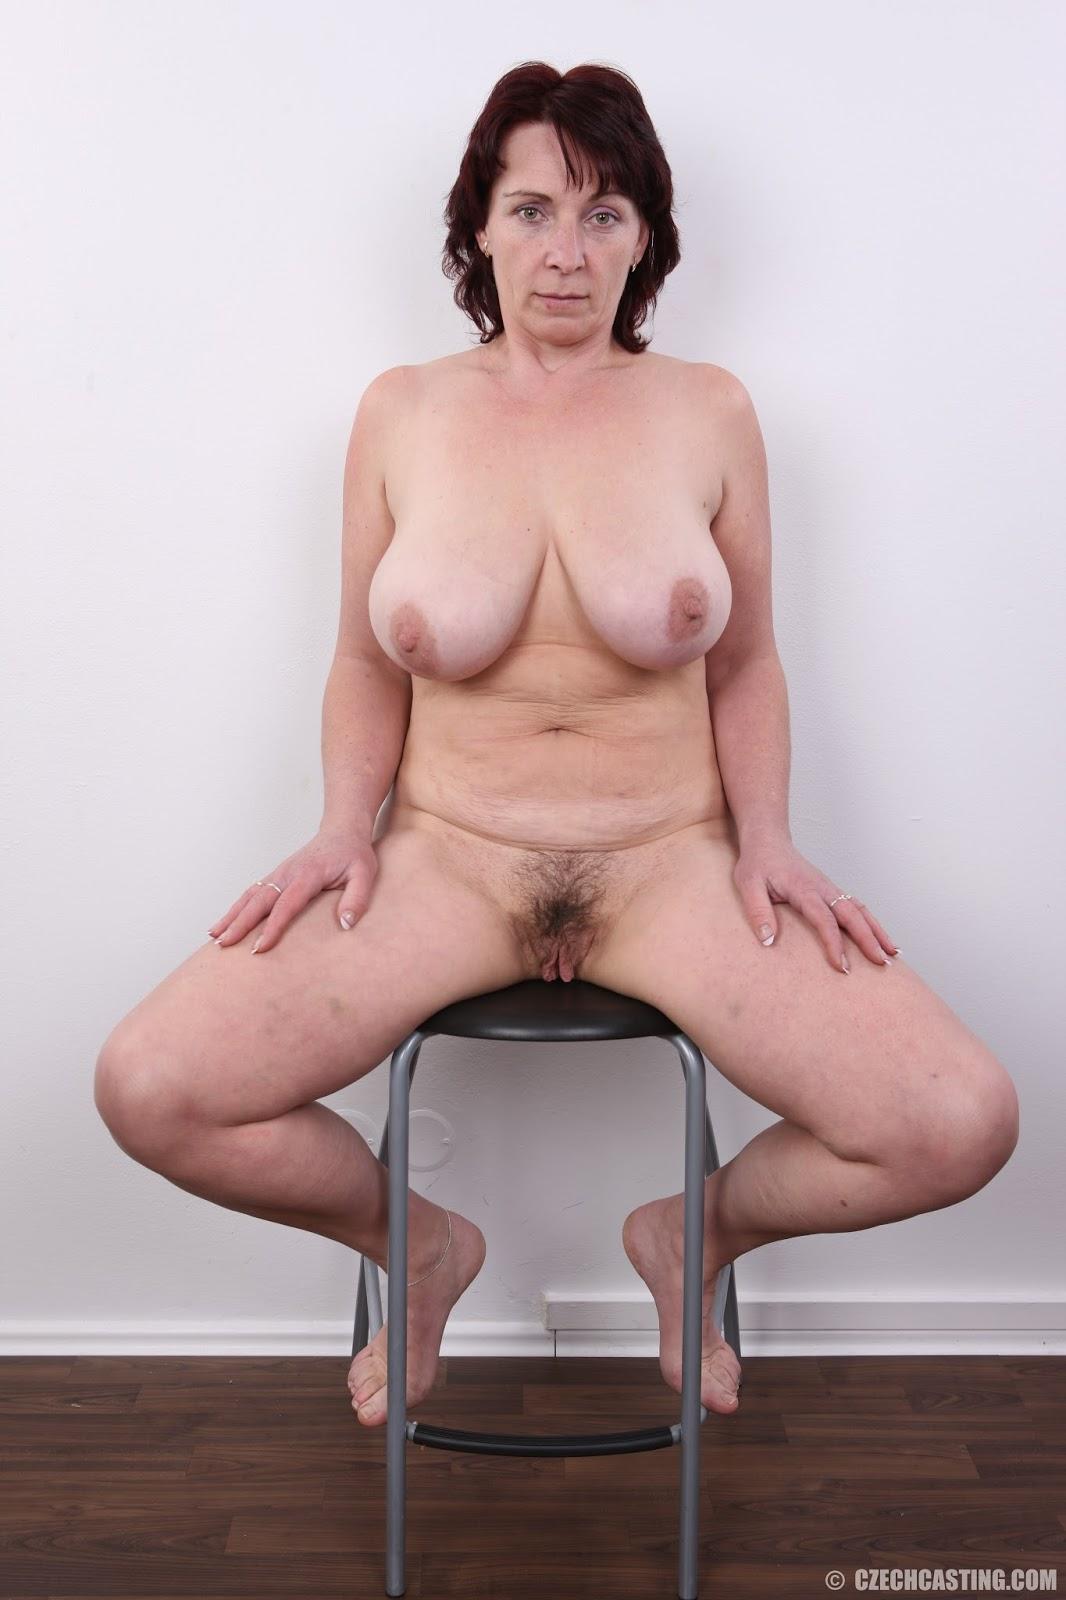 Ali larter fake nude free